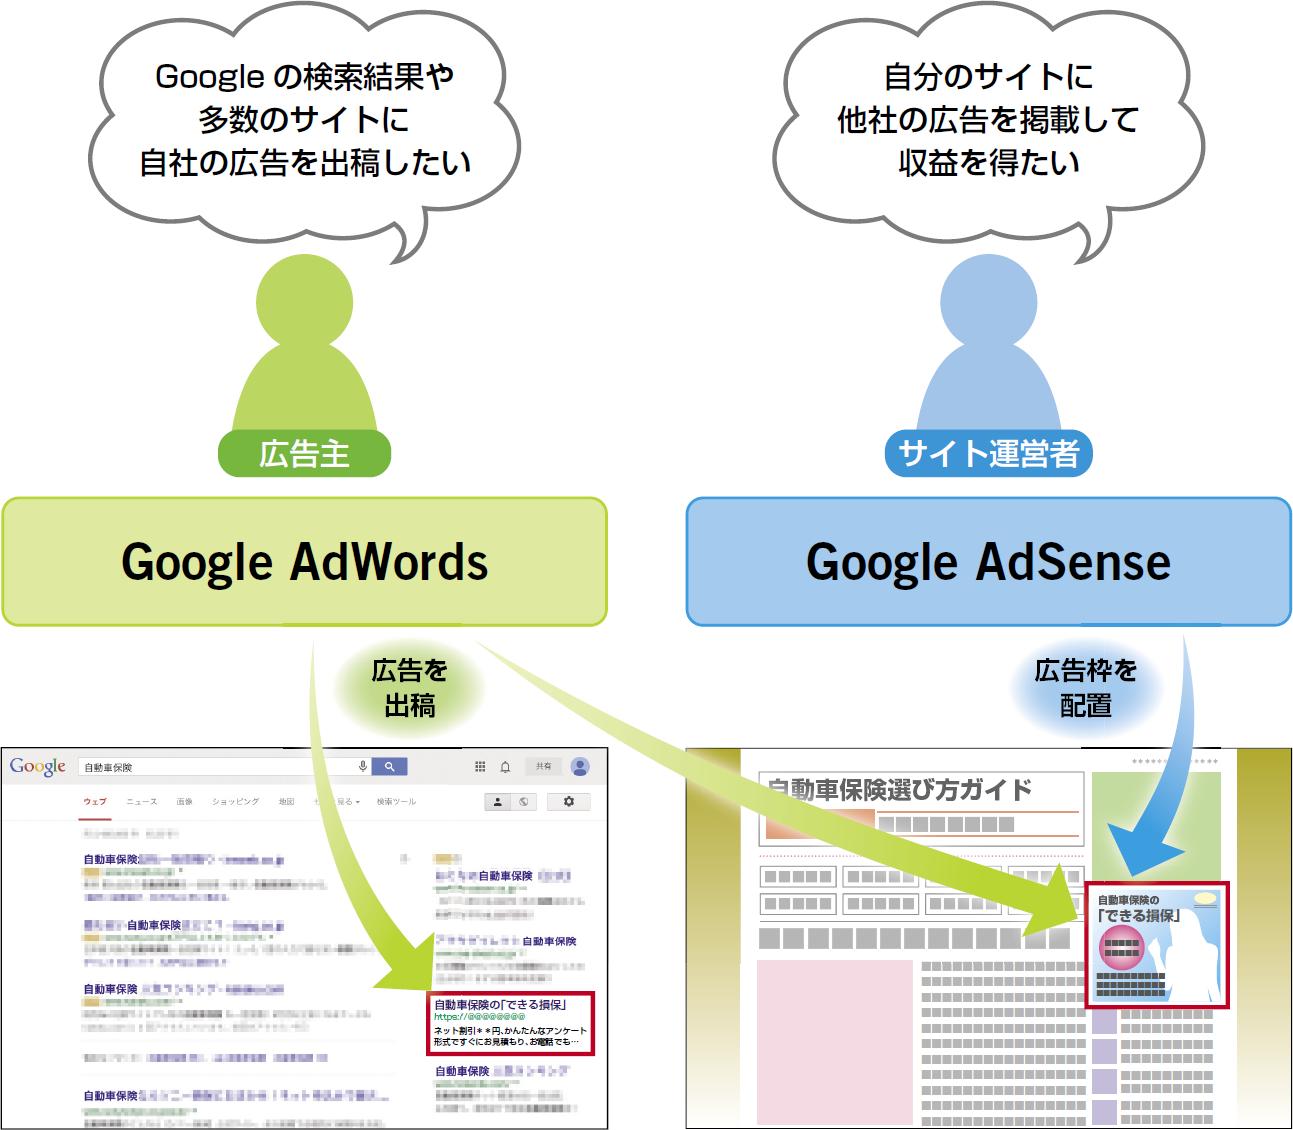 Google AdWordsとGoogle AdSenseの関係